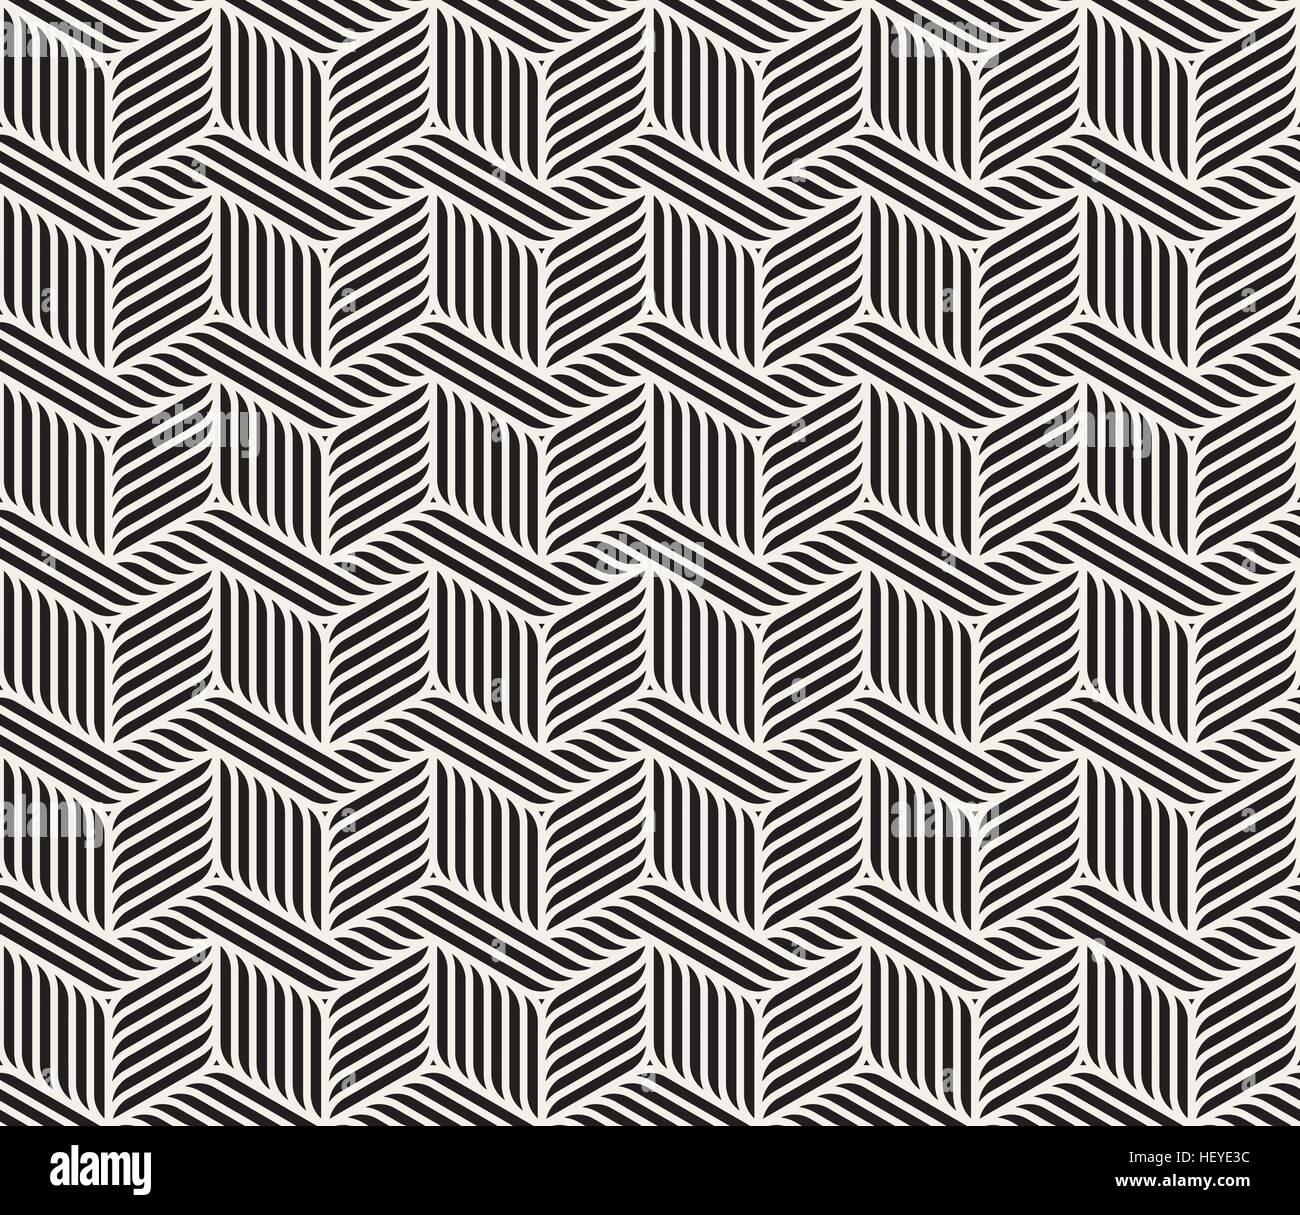 3962f2c44eff6 Seamless Vector noir et blanc motif géométrique des lignes en zig-zag  Abstract Background Photo